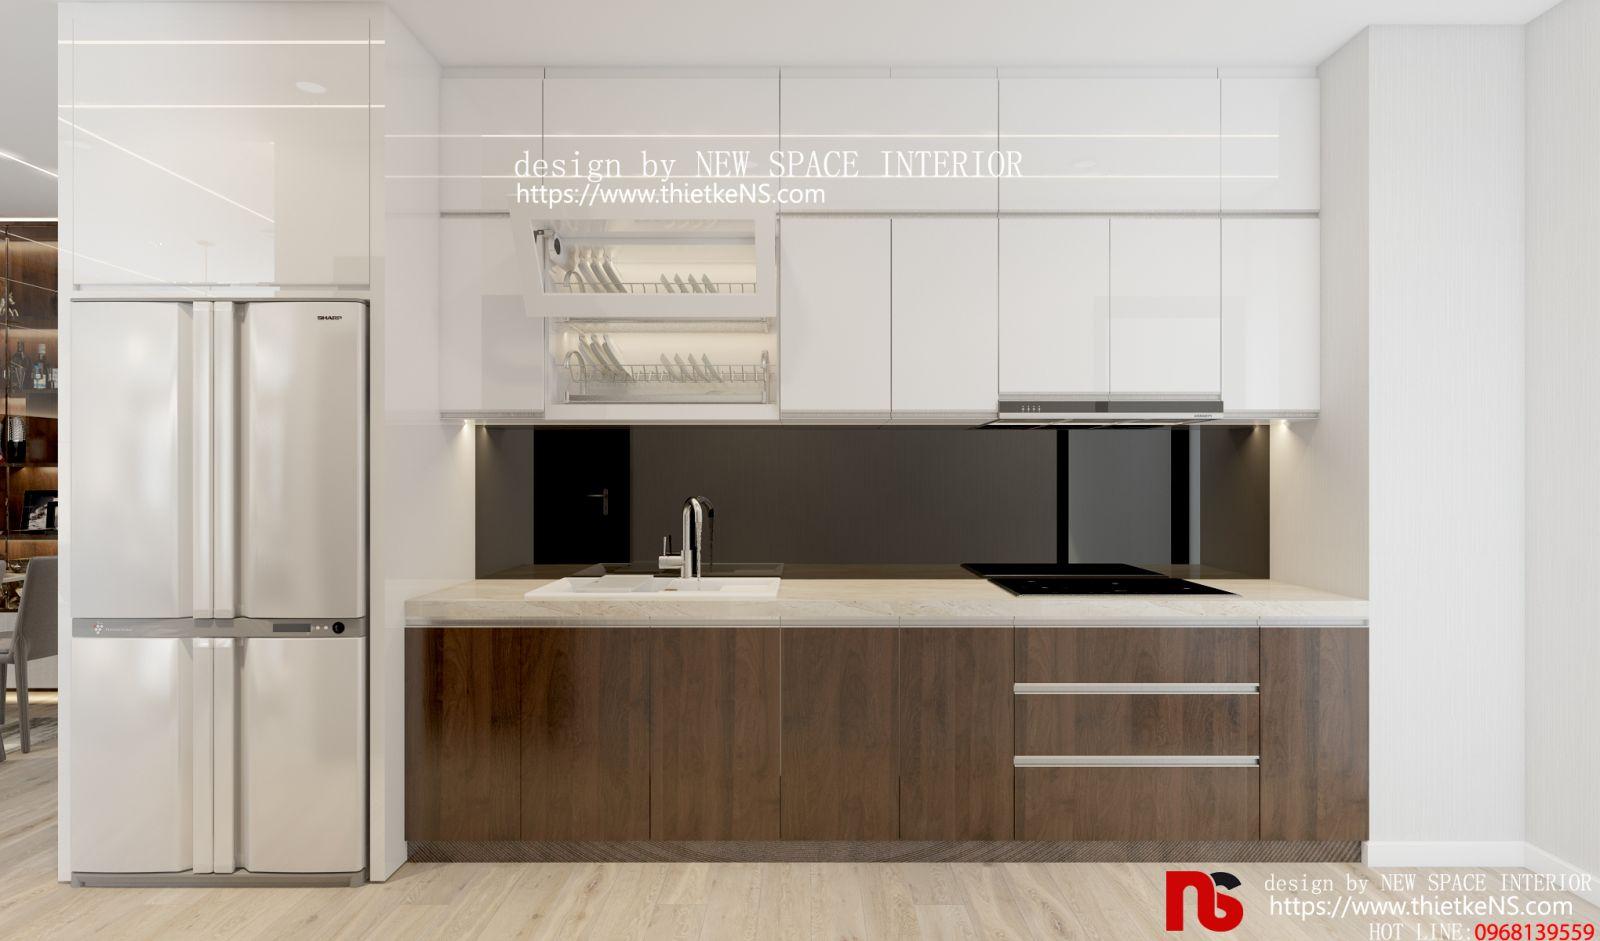 Trang trí thiết kế nội thất chung cư khu vực nhà bếp